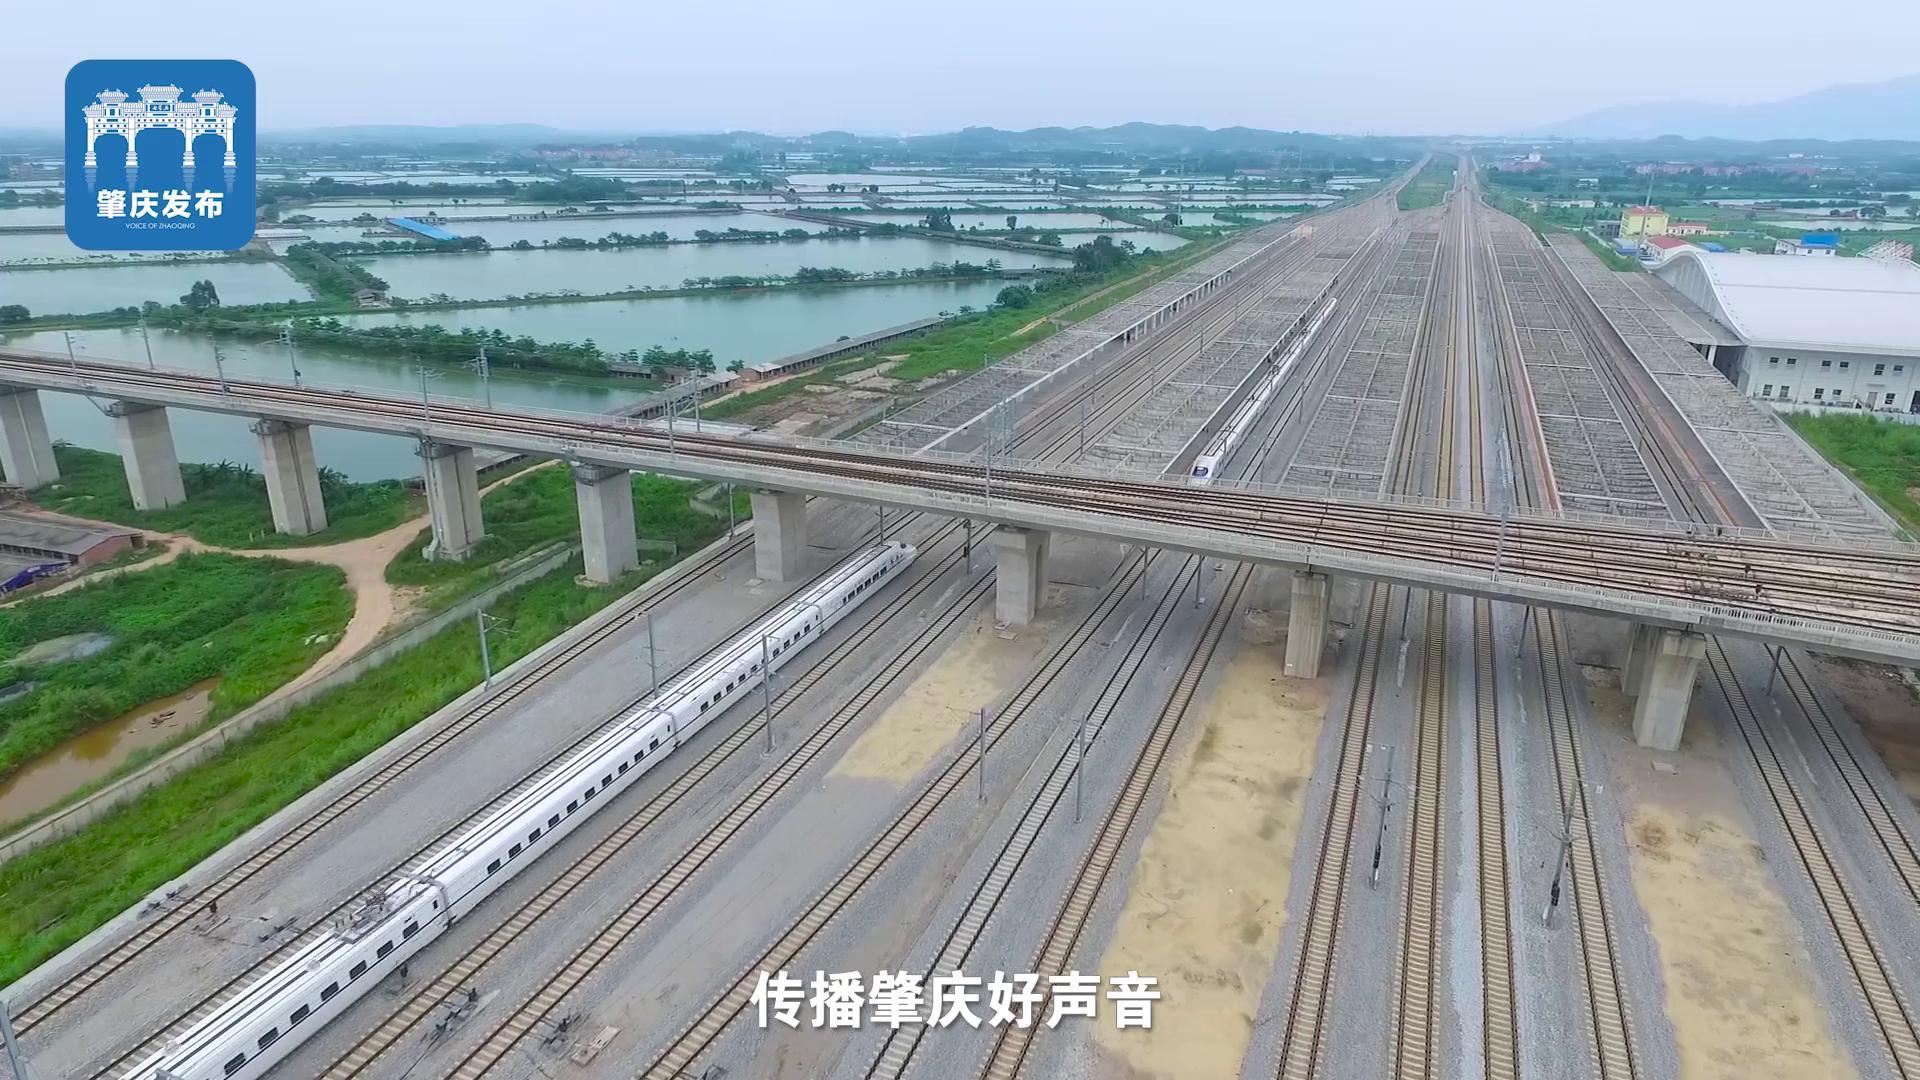 肇庆发布网络安全日宣传视频